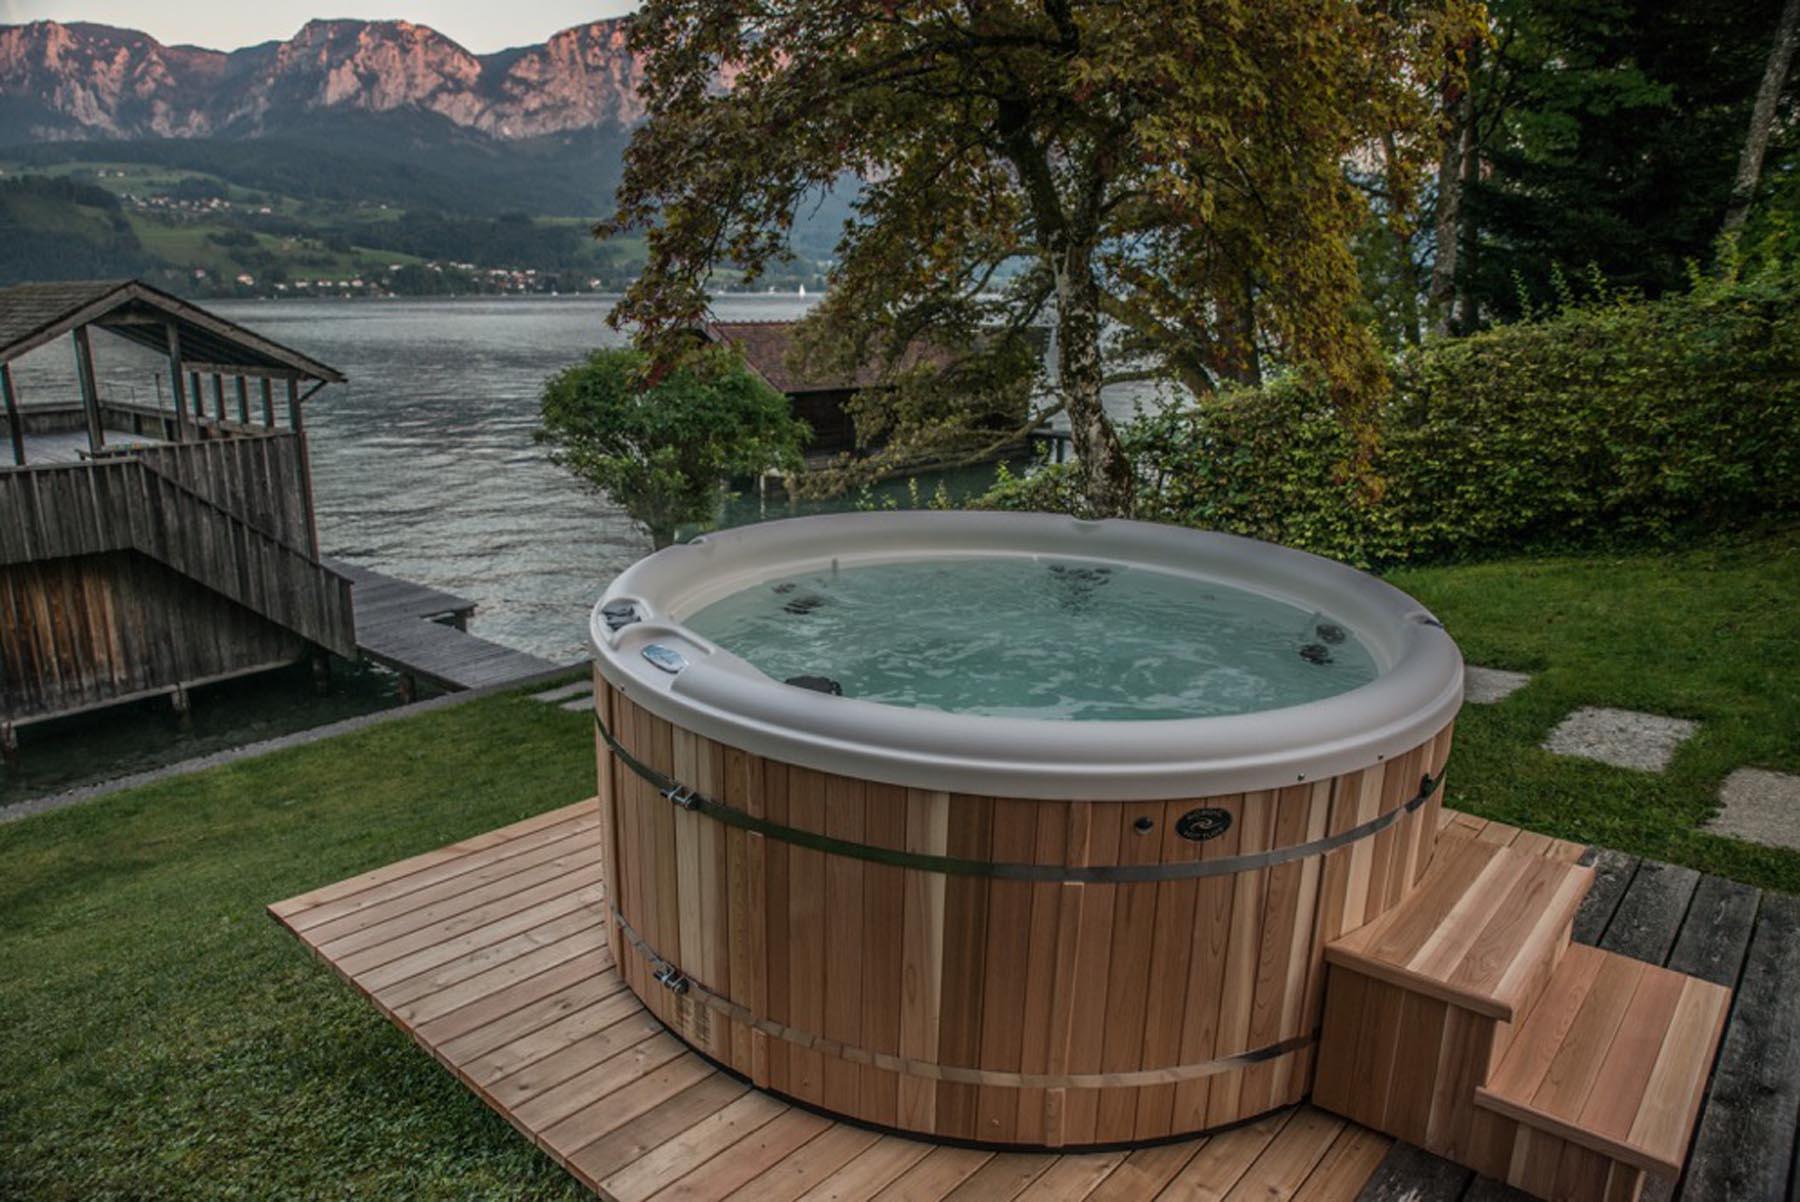 Whirlpool - SST Saurwein Schwimmbad Technik